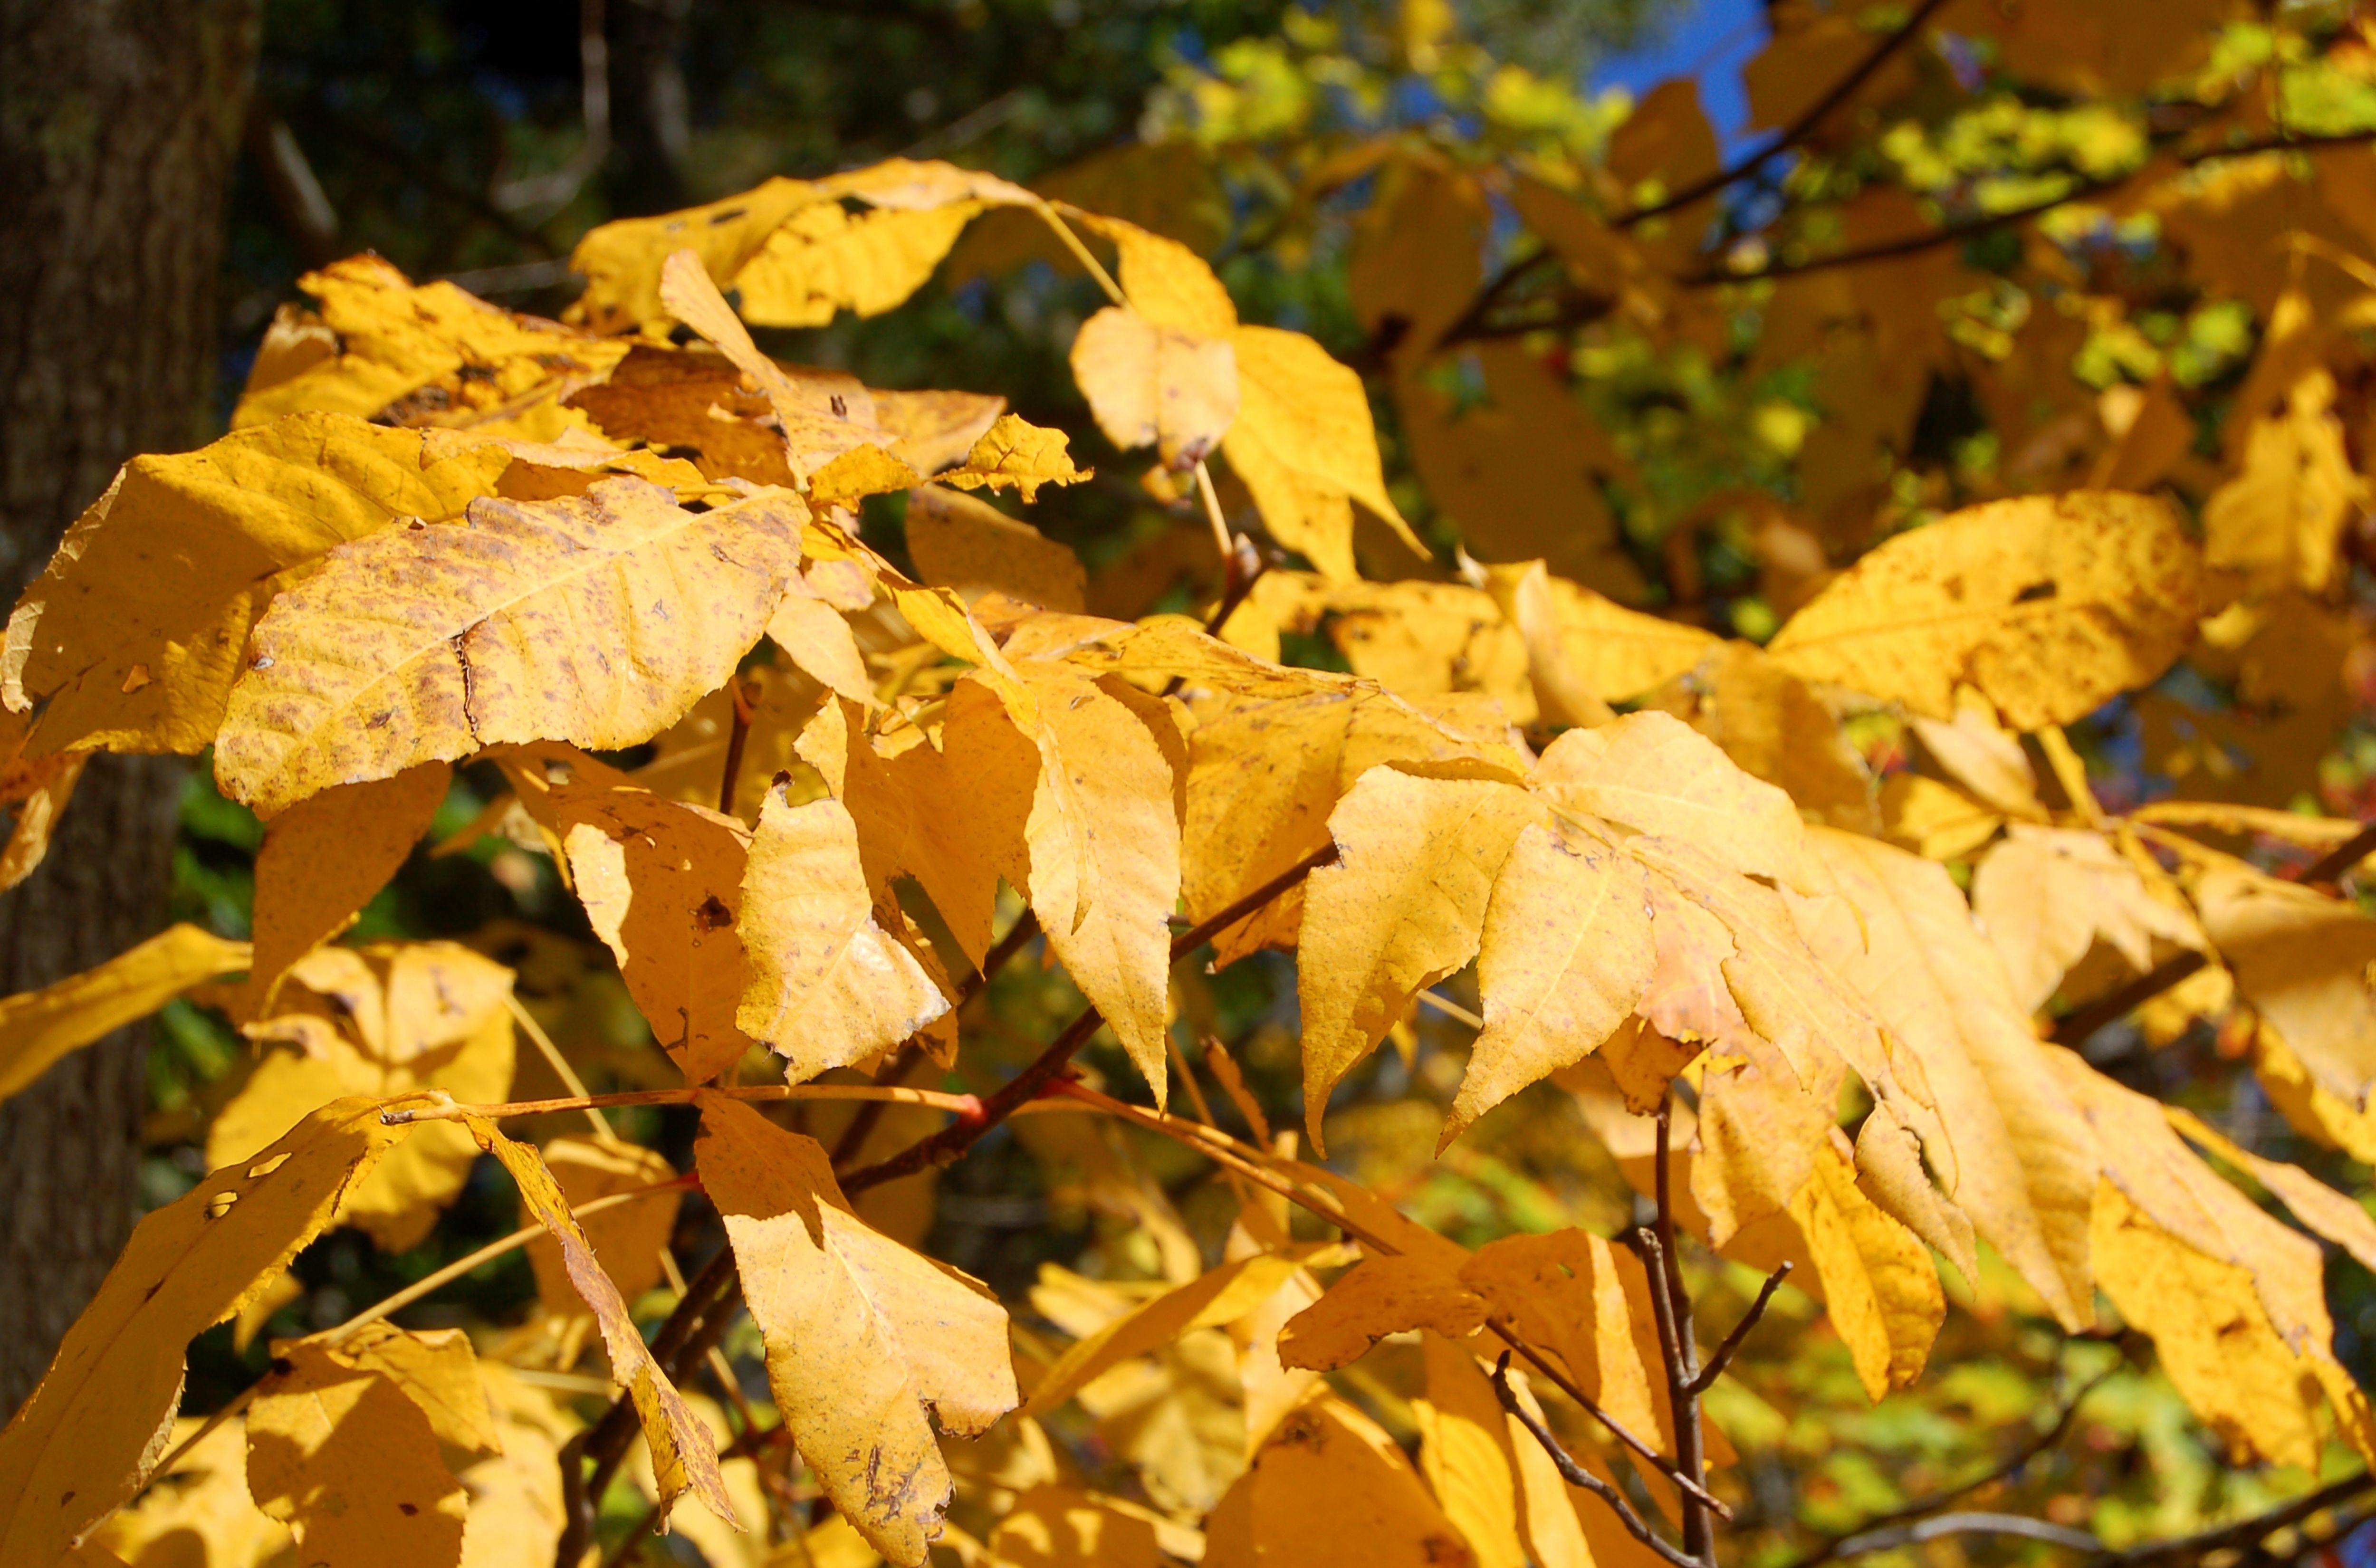 Fall foliage of shagbark hickory tree